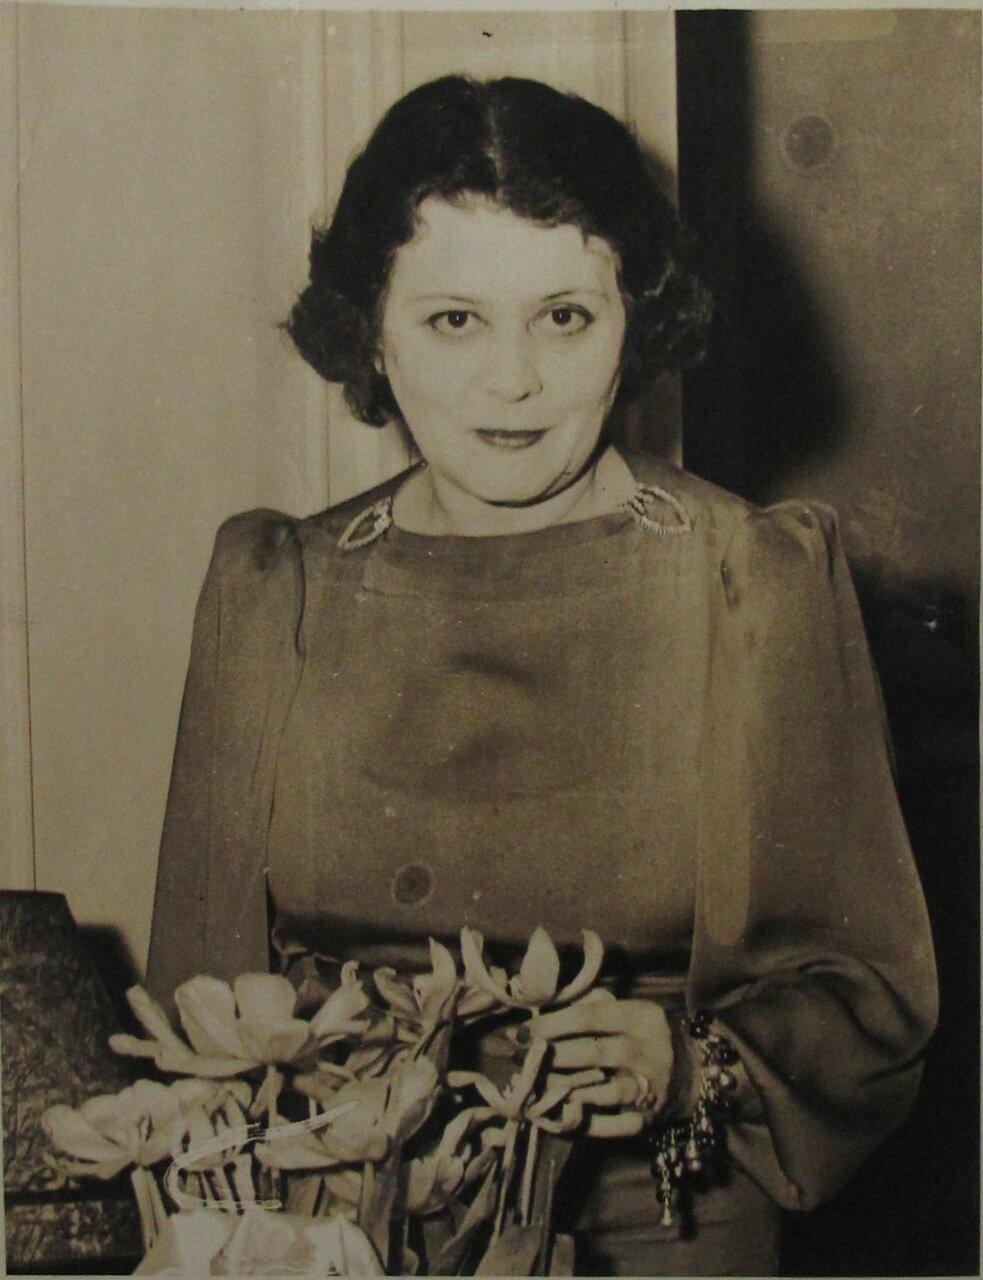 1939.Теда Бара, бывшая женщина-вамп